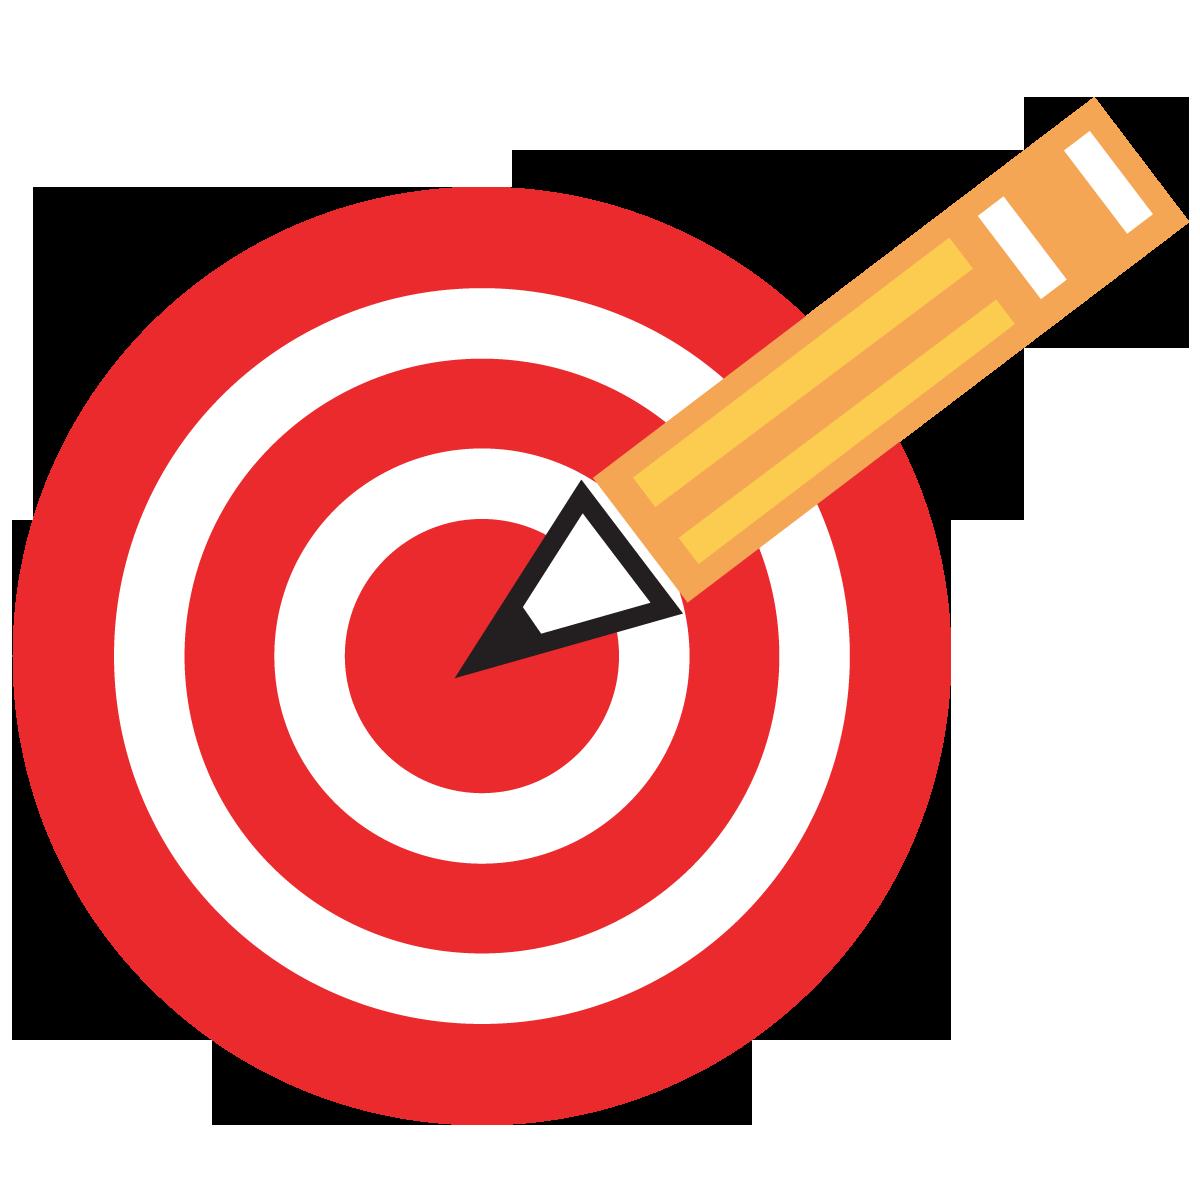 Learning Target Bullseye Clipart.